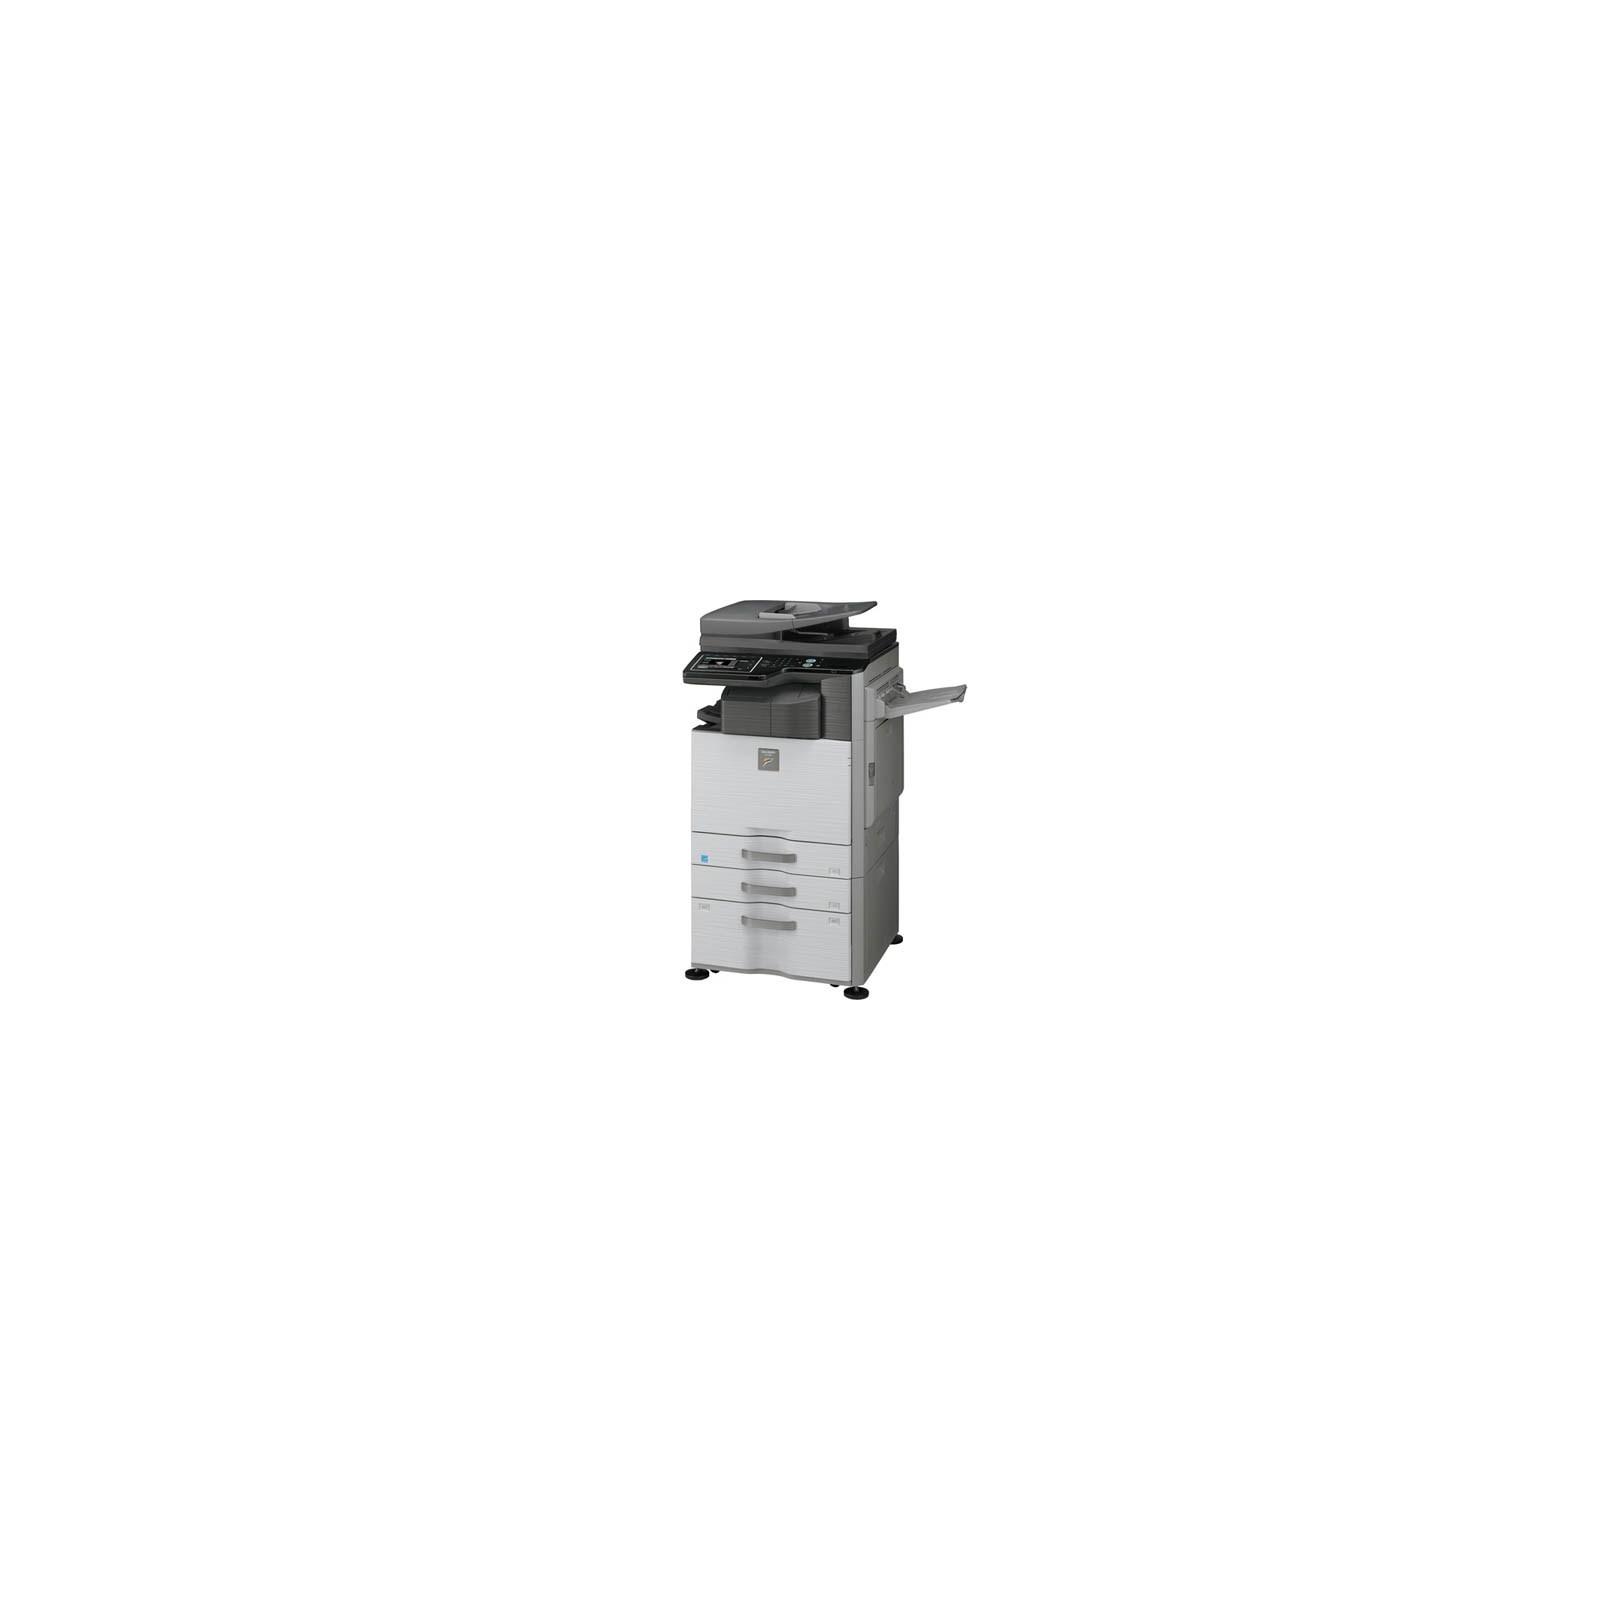 Многофункциональное устройство SHARP MX2614N